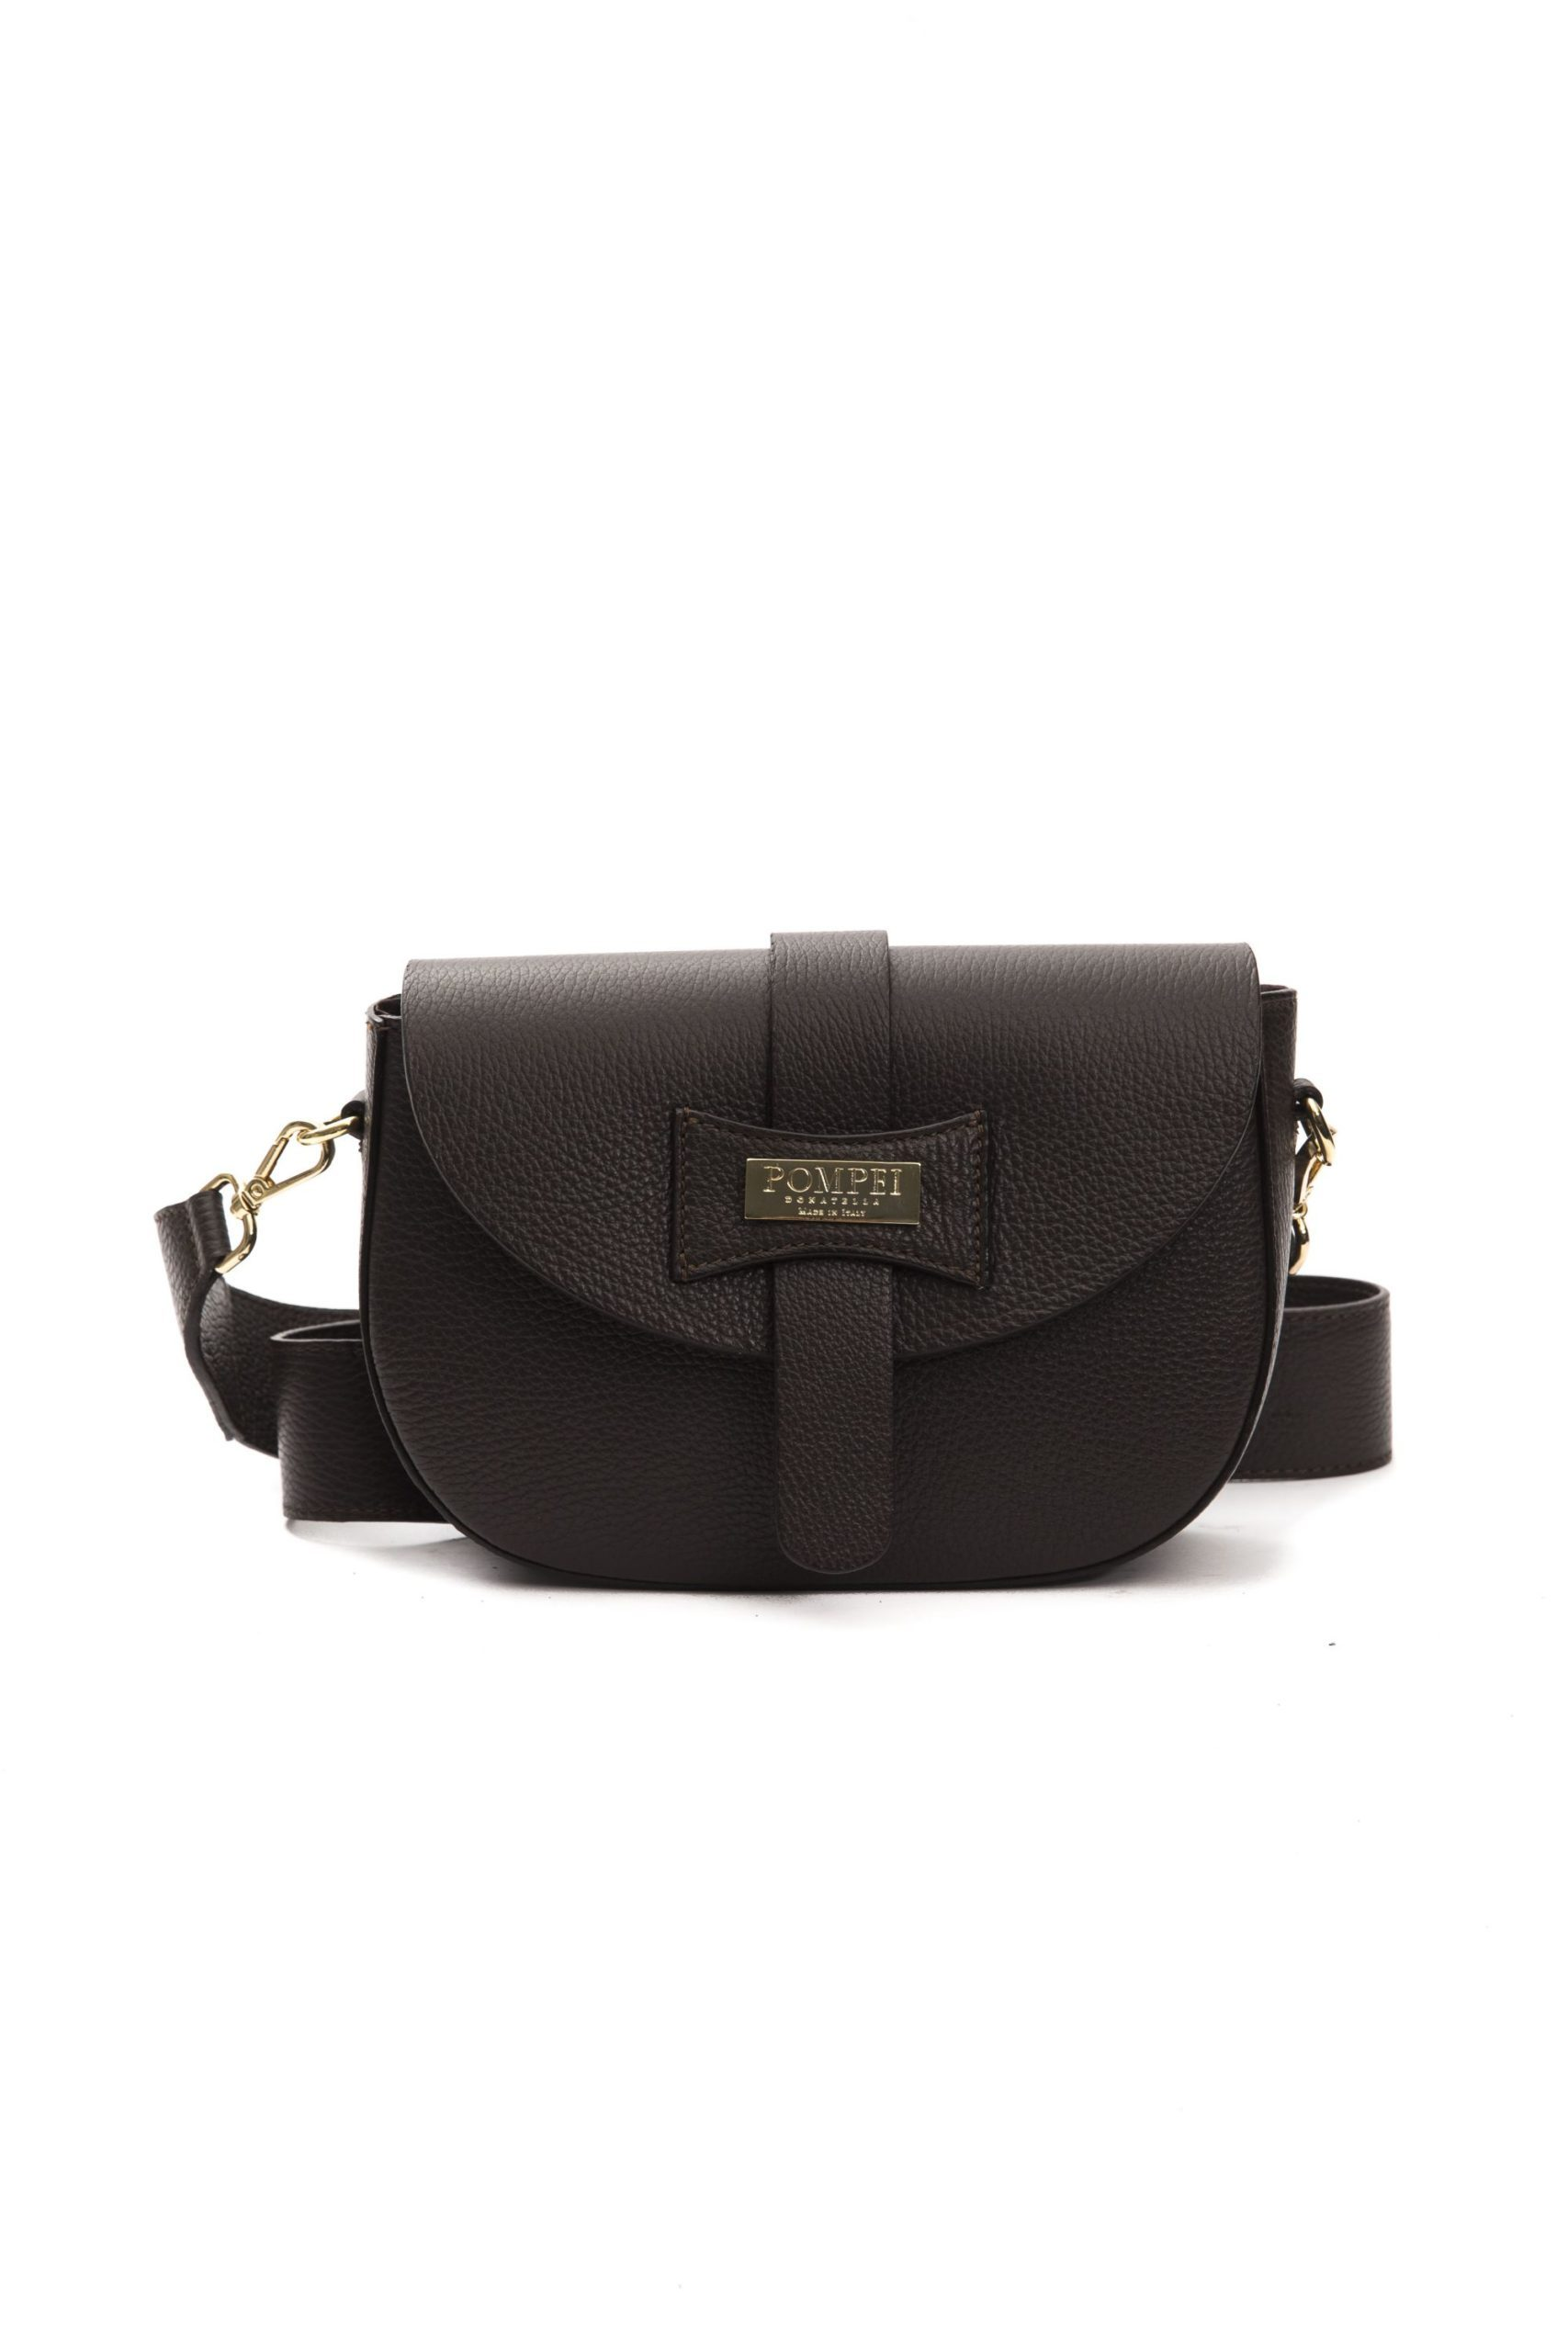 Pompei Donatella Women's Cioccolato Crossbody Bag Brown PO1004885